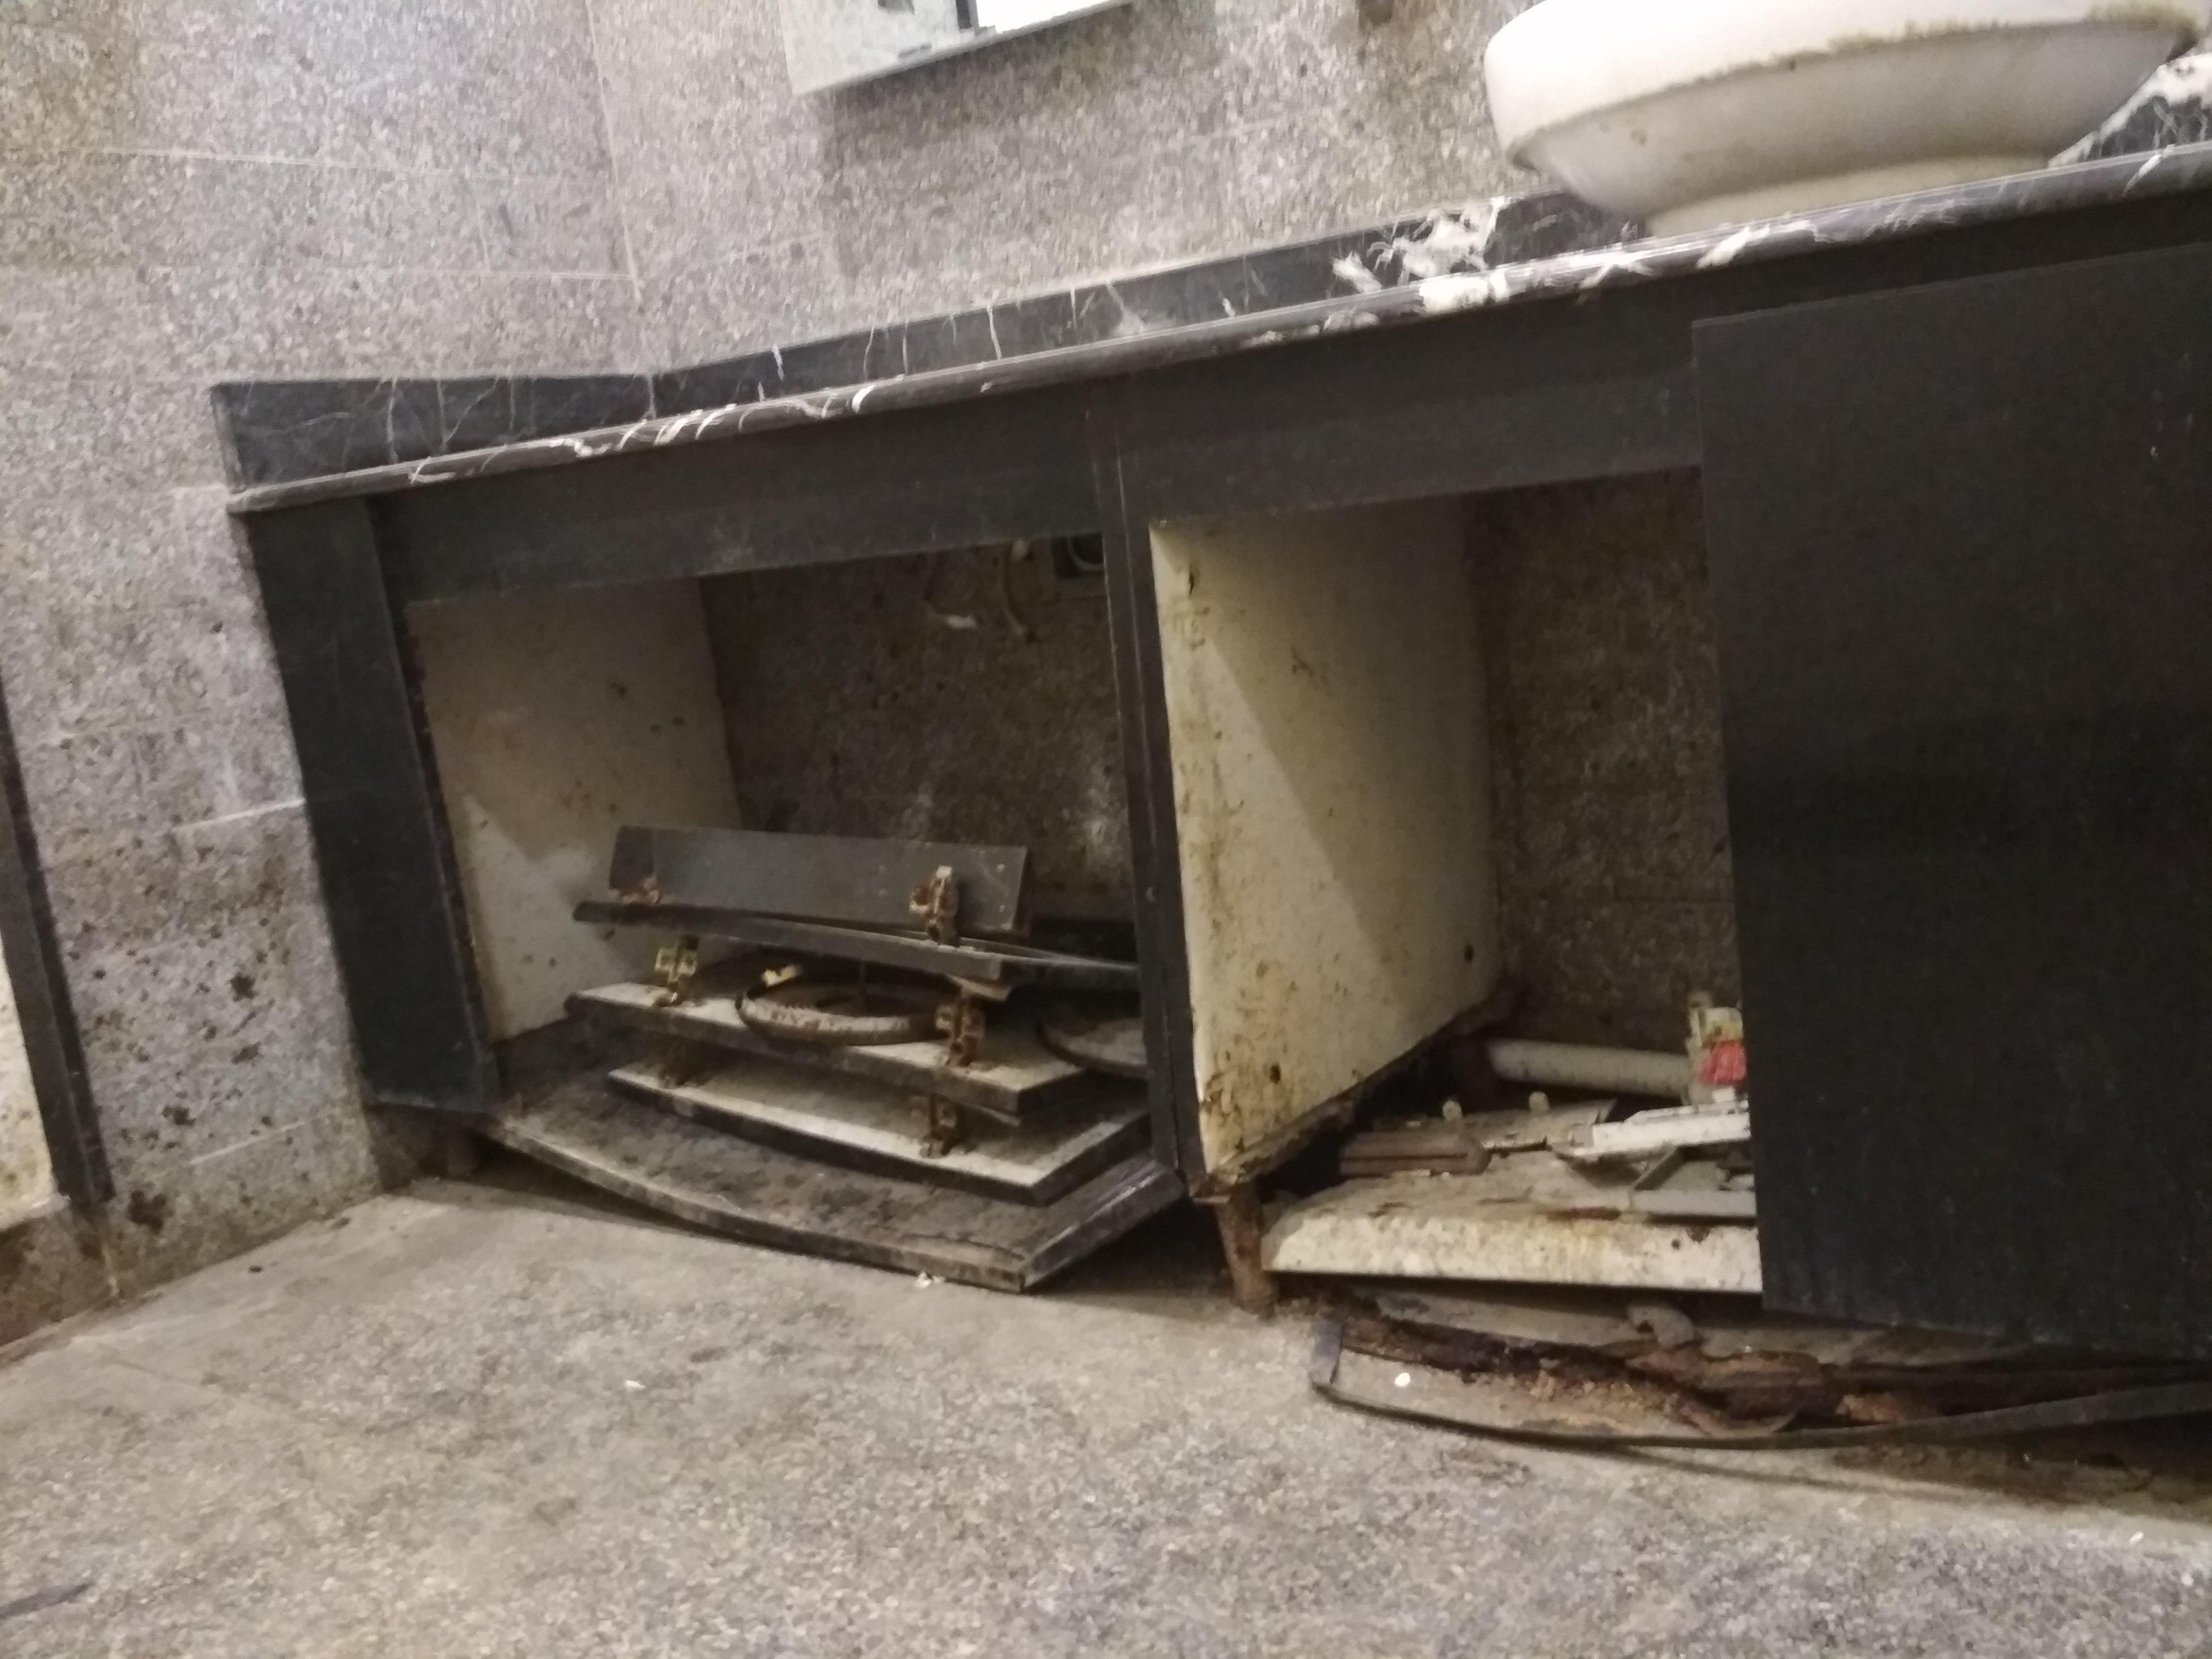 İcra hakimiyyətinin binasının qarşısında biabırçı mənzərə – Fotolar